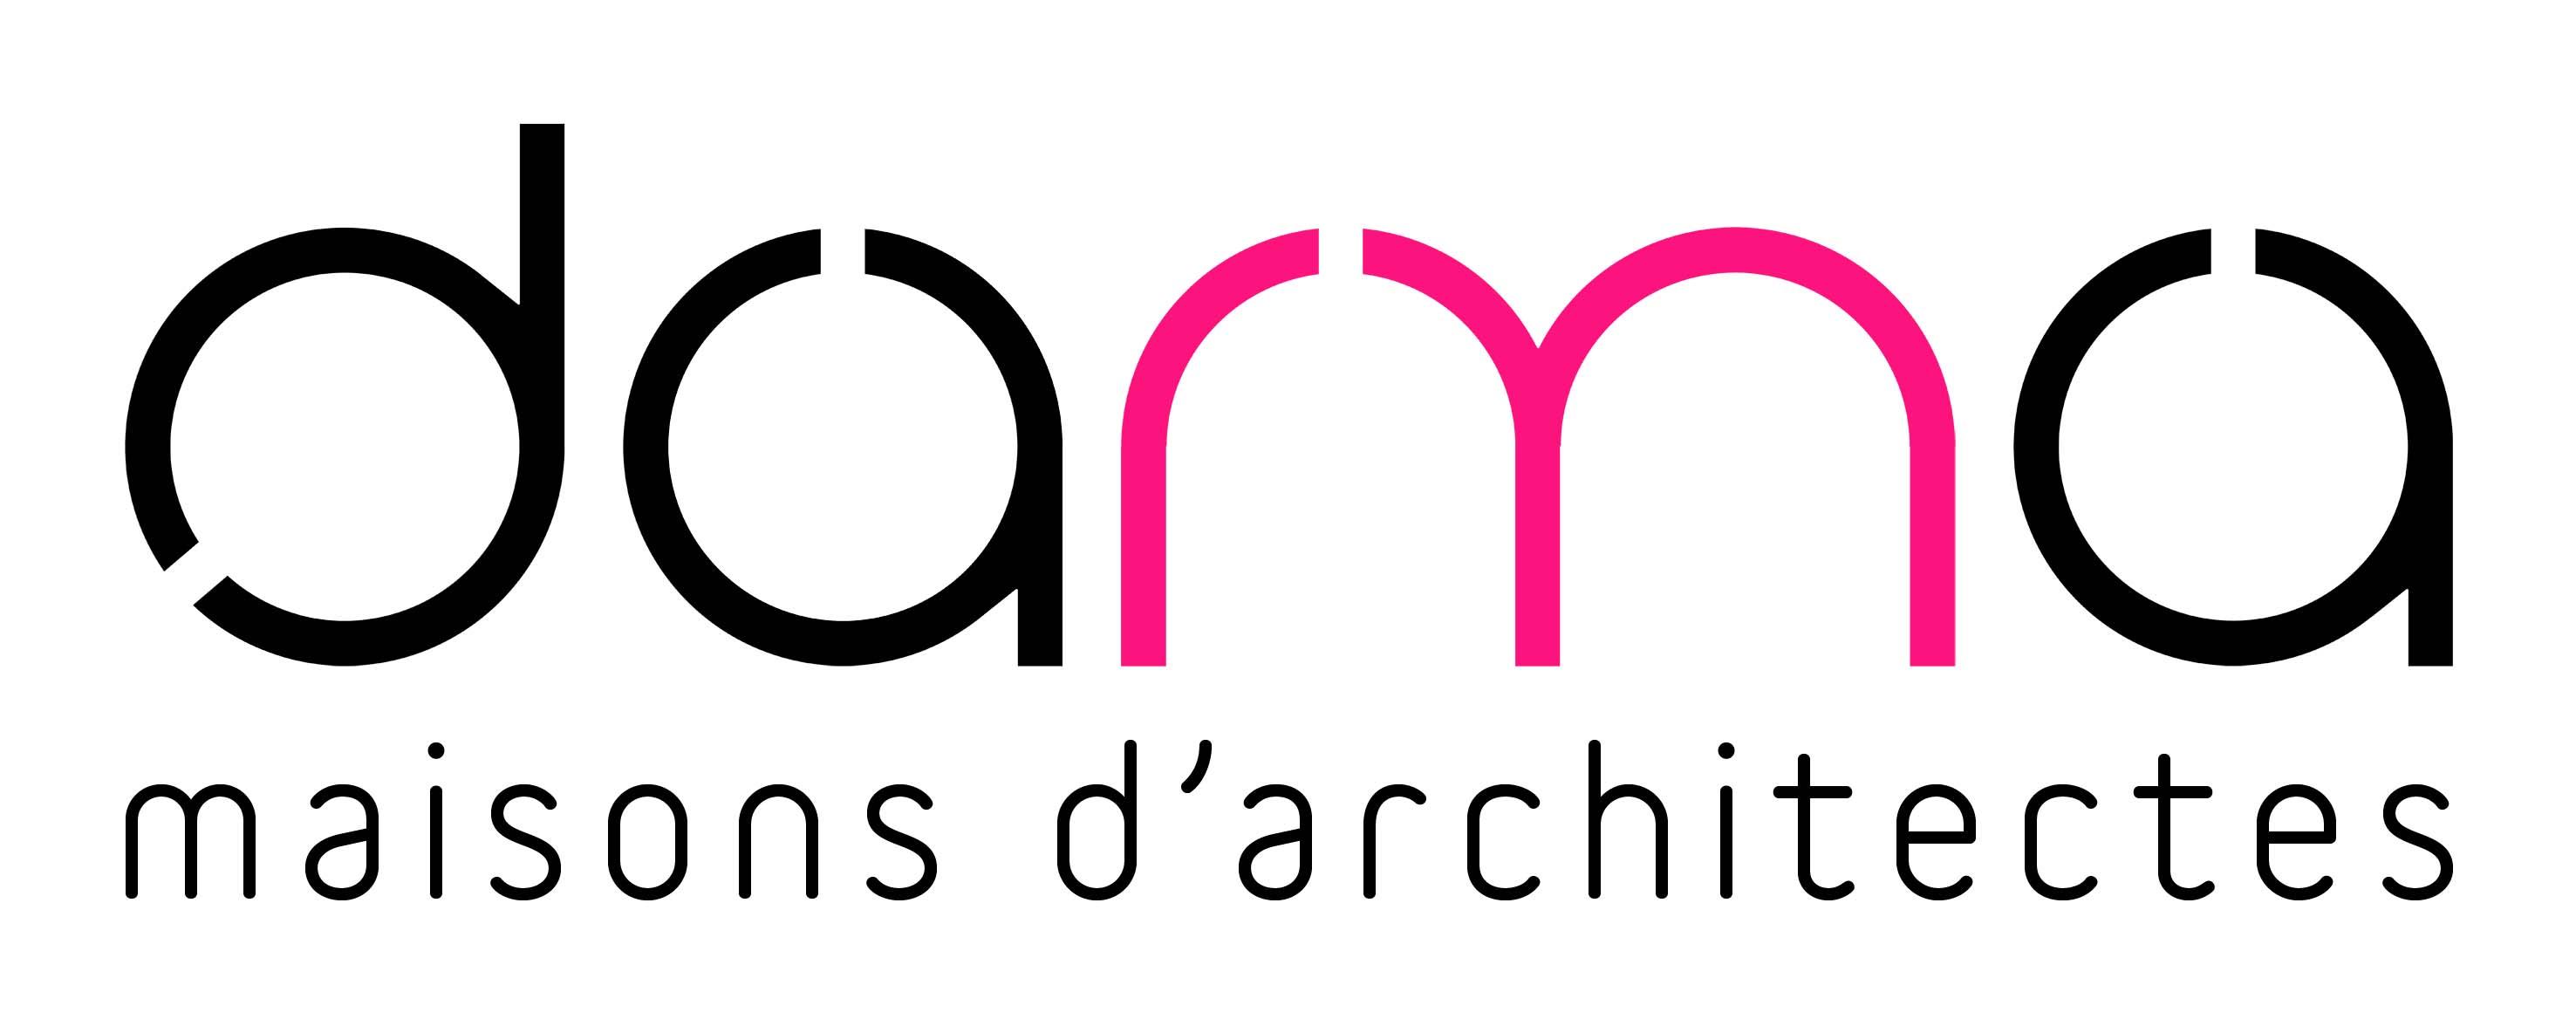 Art Et Maison Longuenesse salon de l'habitat - st omer - maisons dama - constructeur